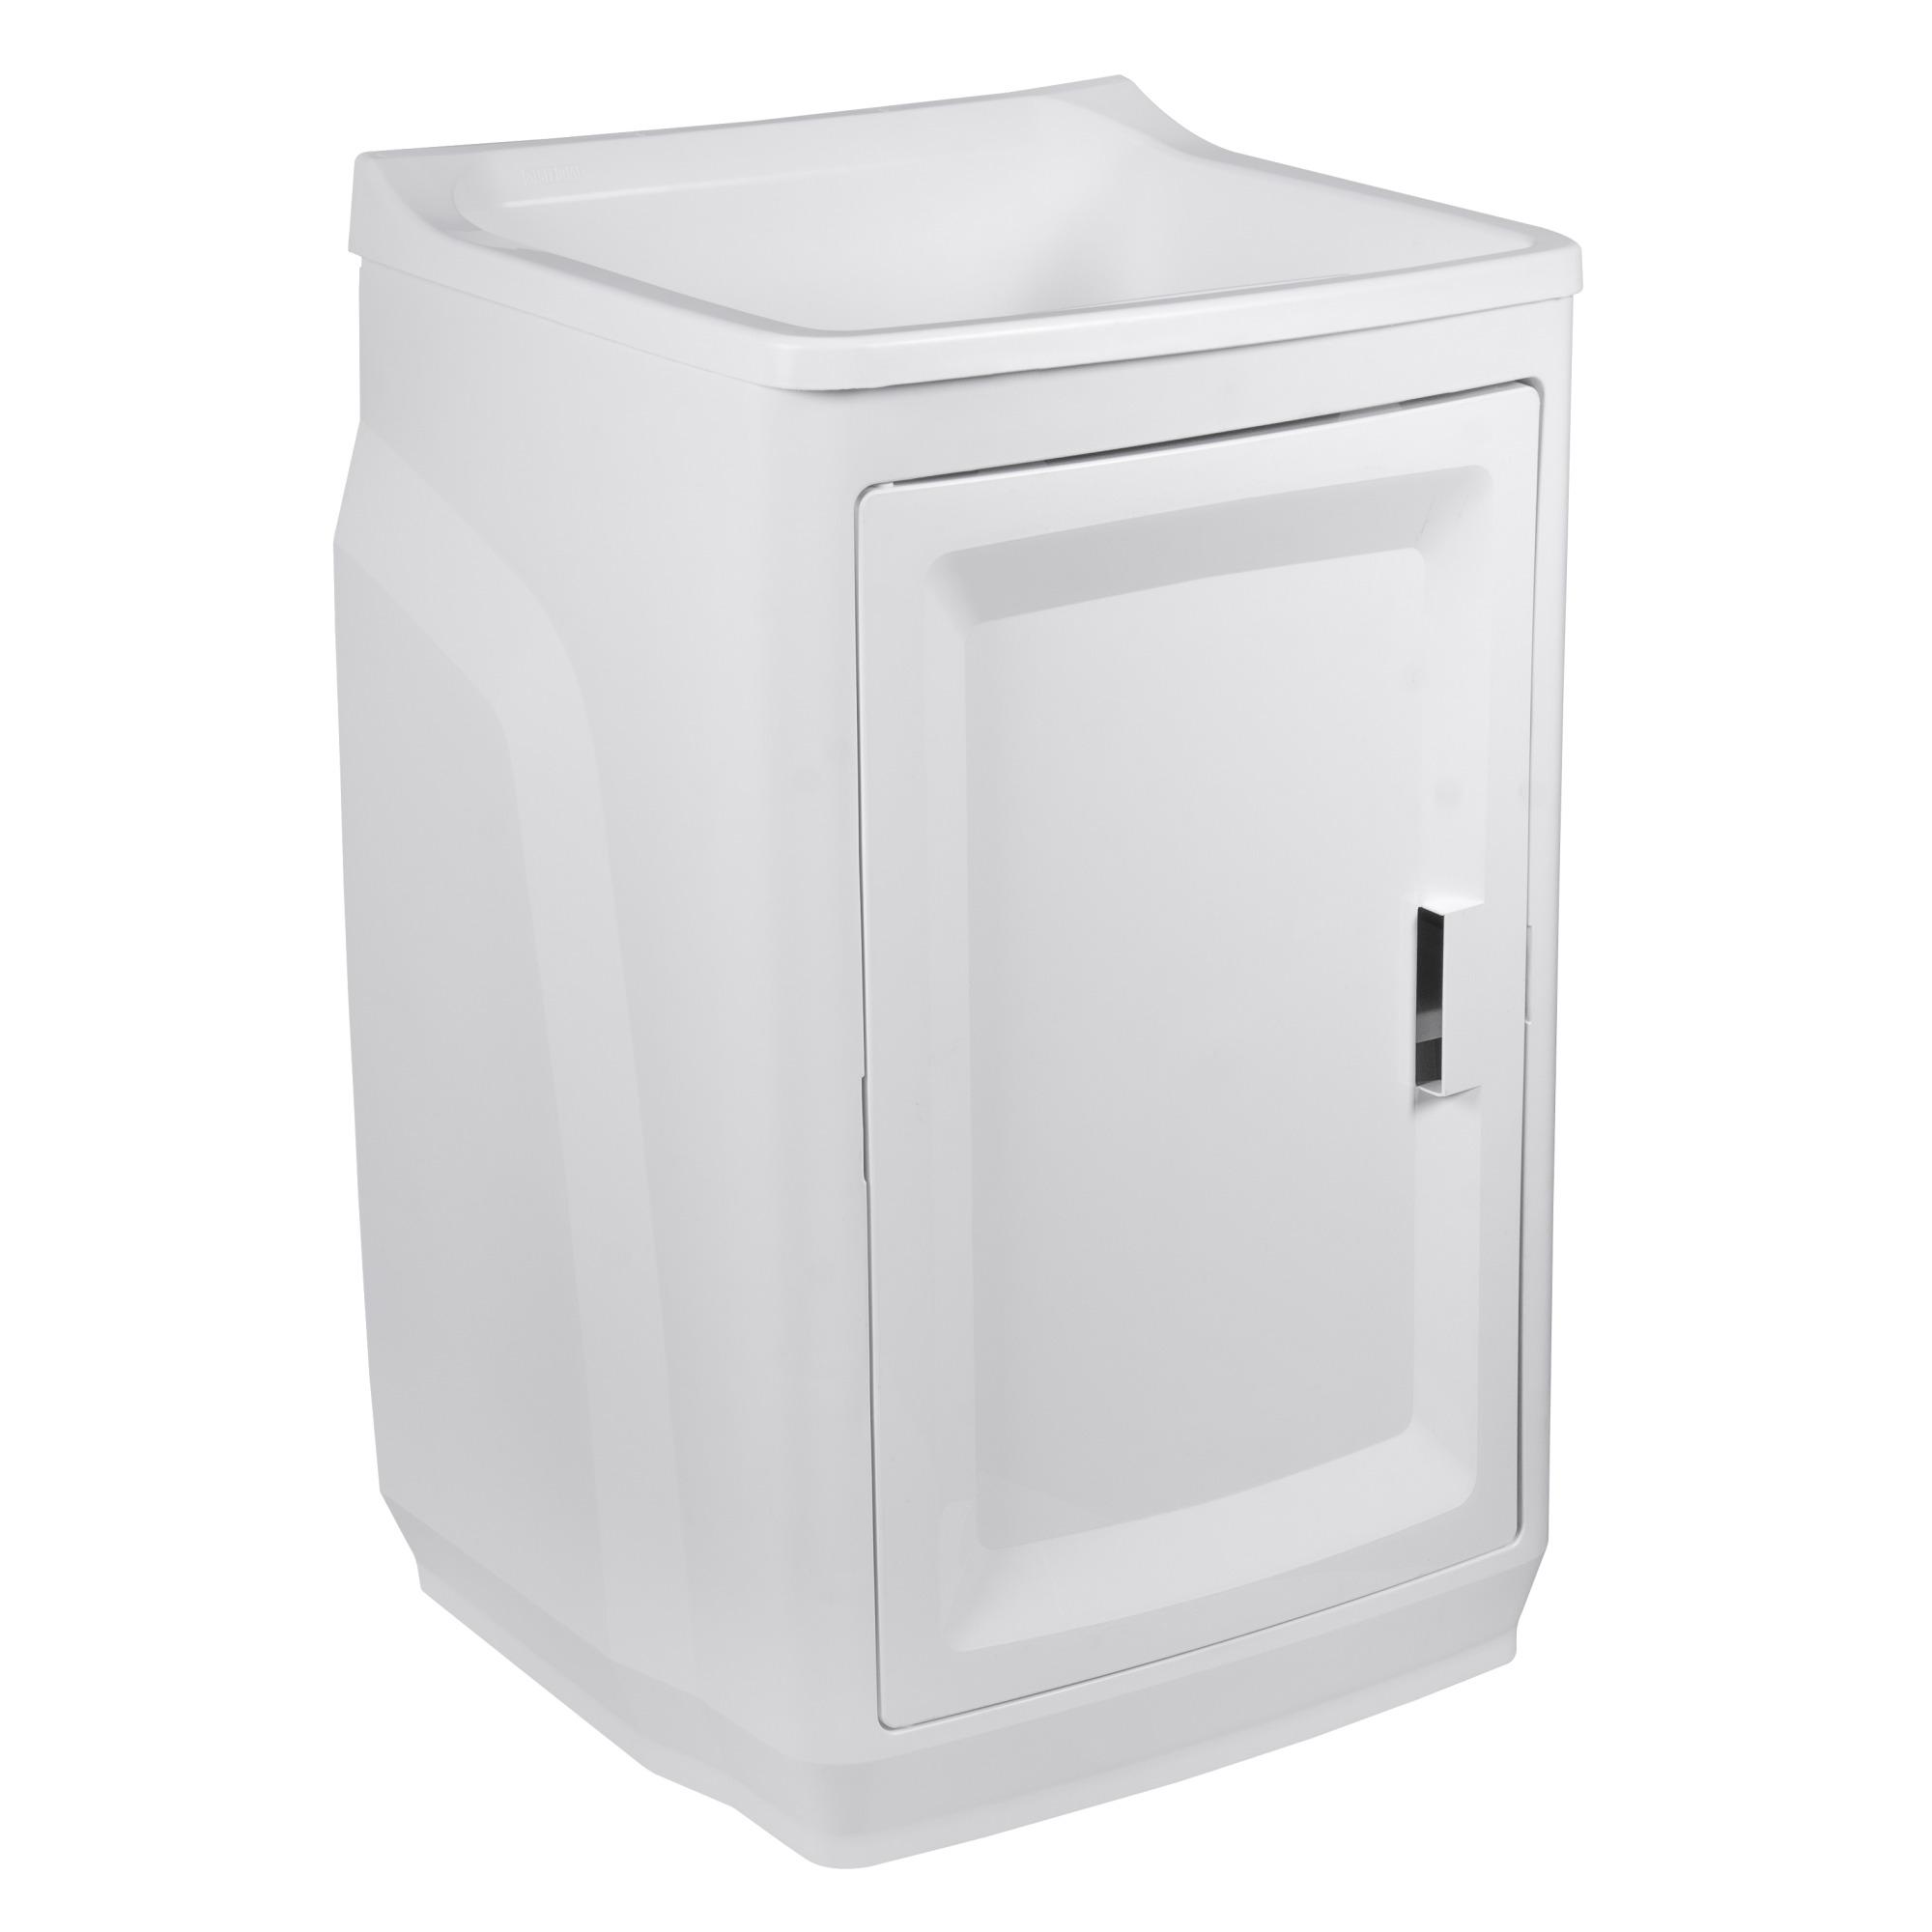 Tanque Plastico com Gabinete com Kit Instalacao Branco - Astra